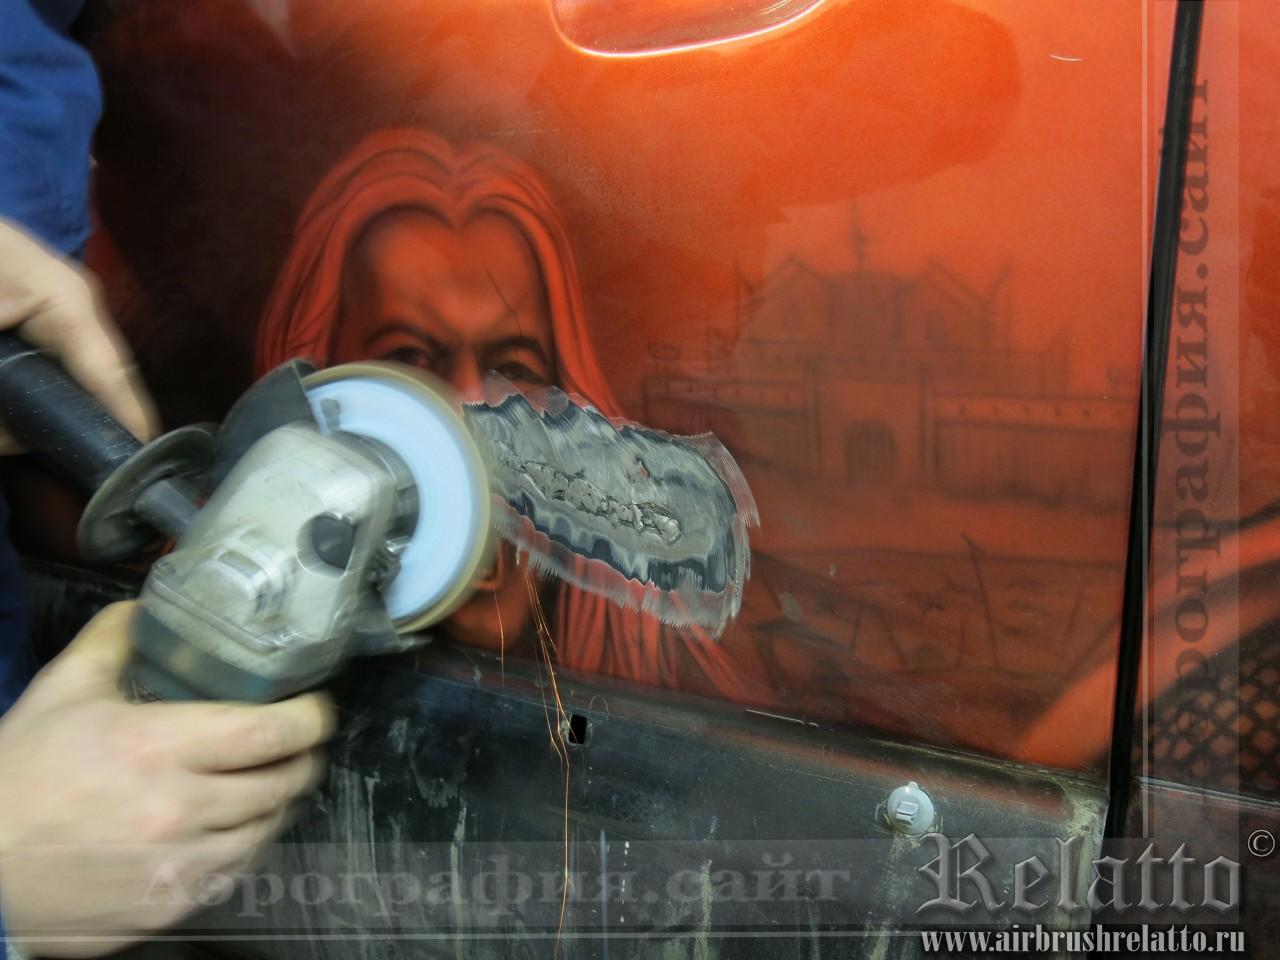 Зачищаем шов болгаркой, убирая выступающий лишний металл шва